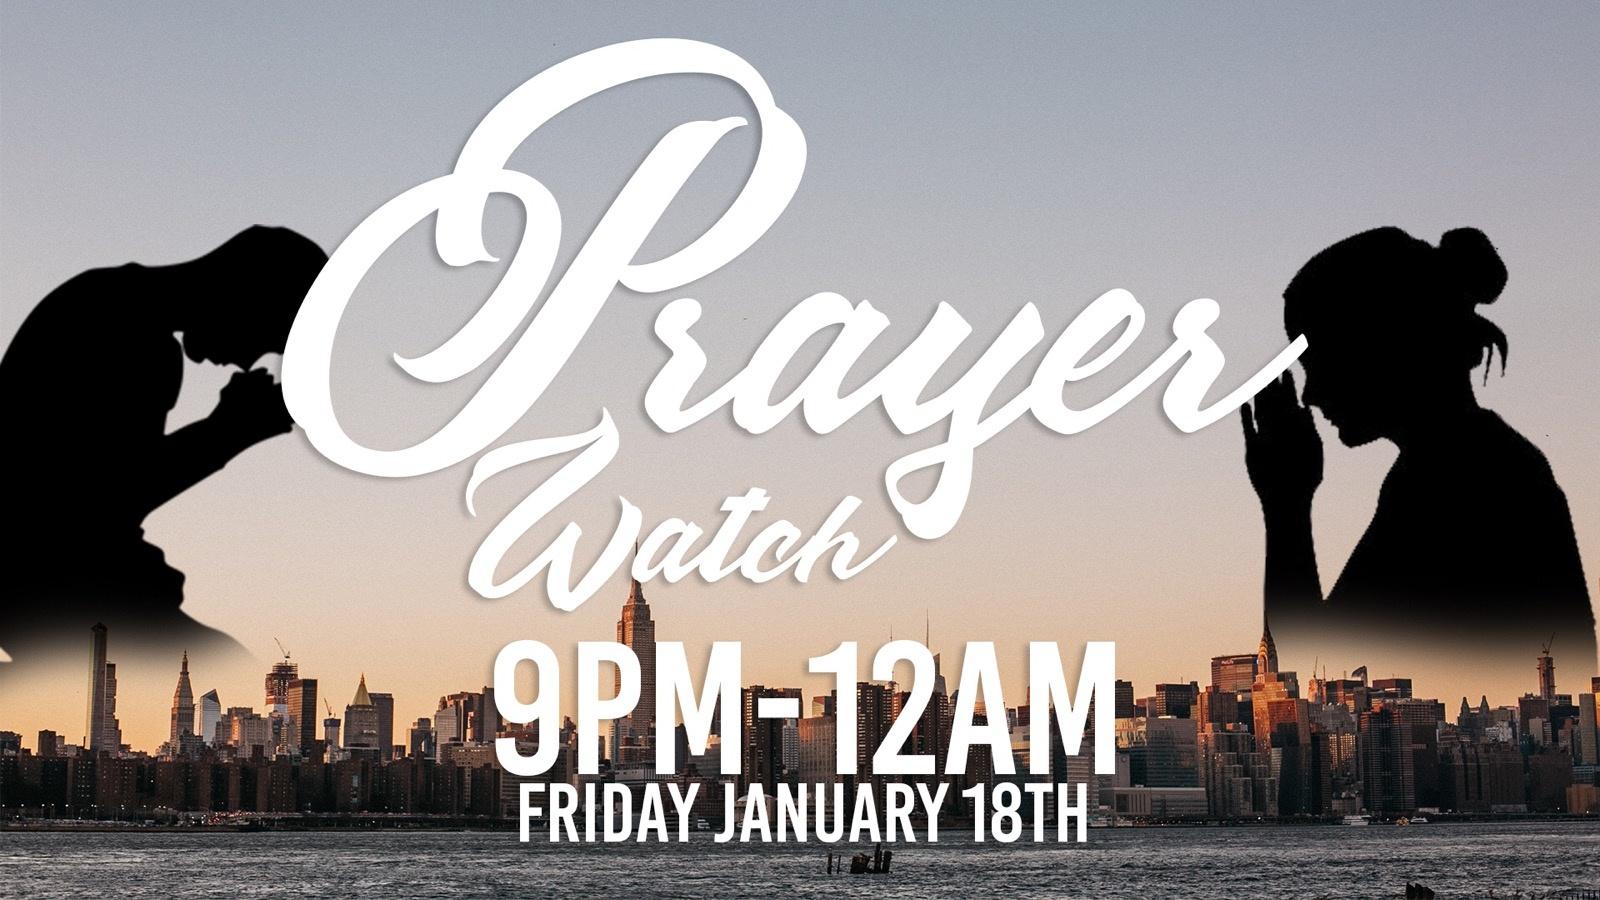 https://0201.nccdn.net/1_2/000/000/165/81e/prayerwatch-1600x900.jpg